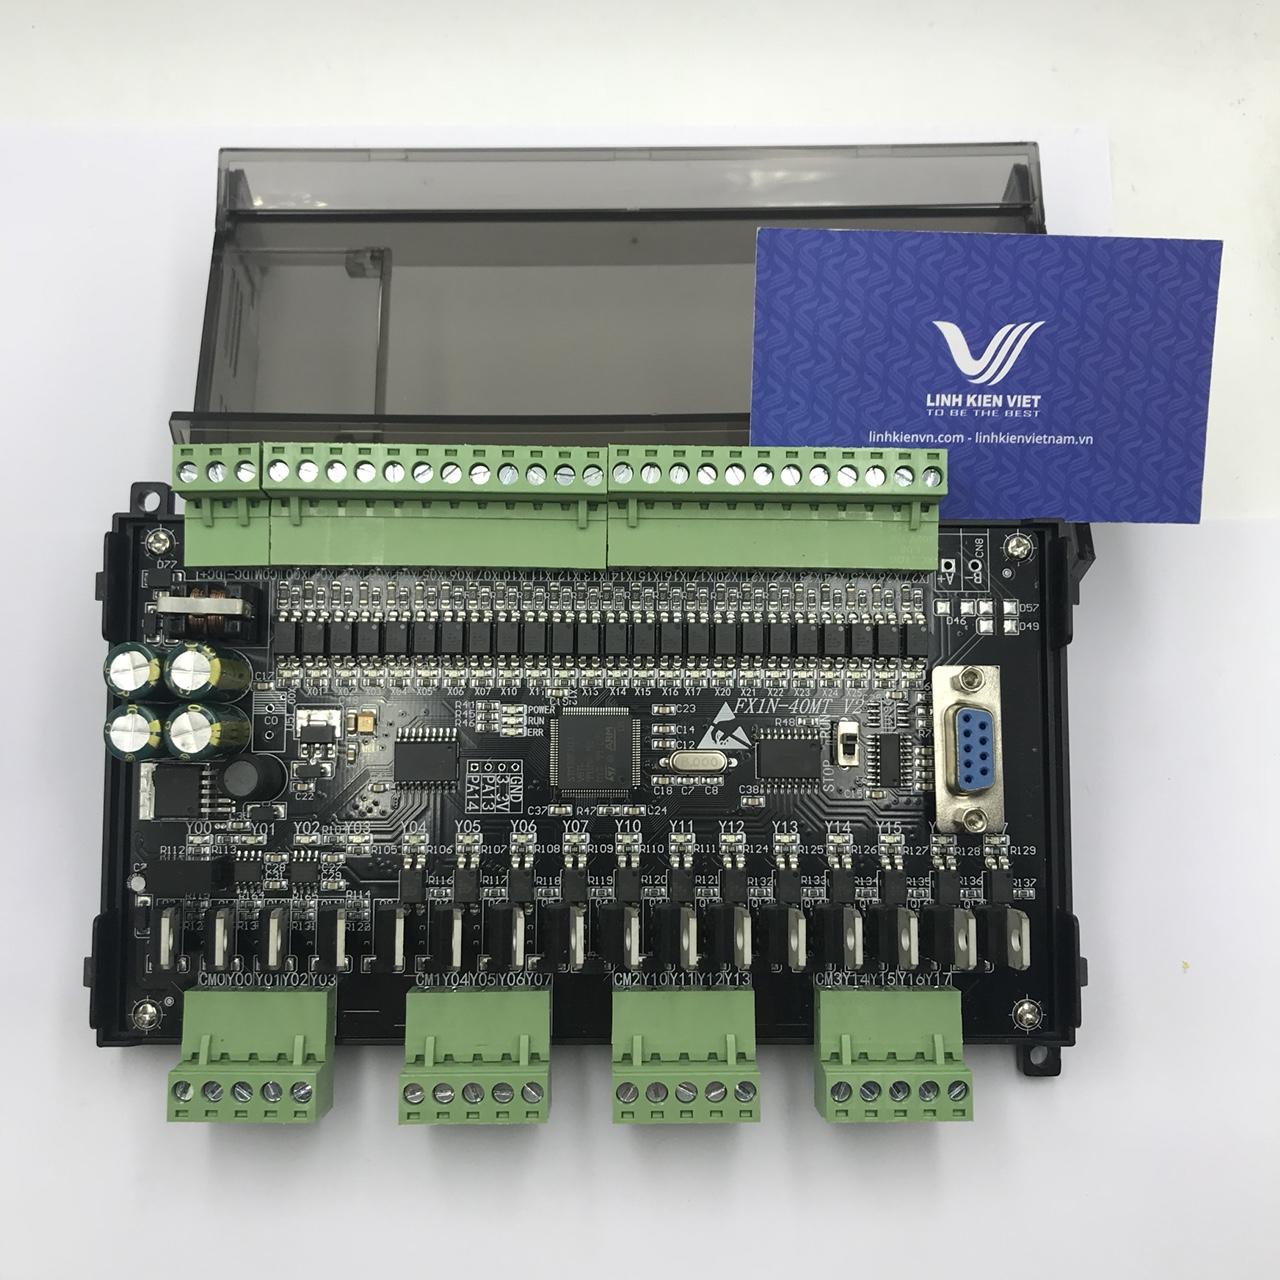 BOARD PLC FX1N - 40MT / BO PLC 1N40MT- KHO B